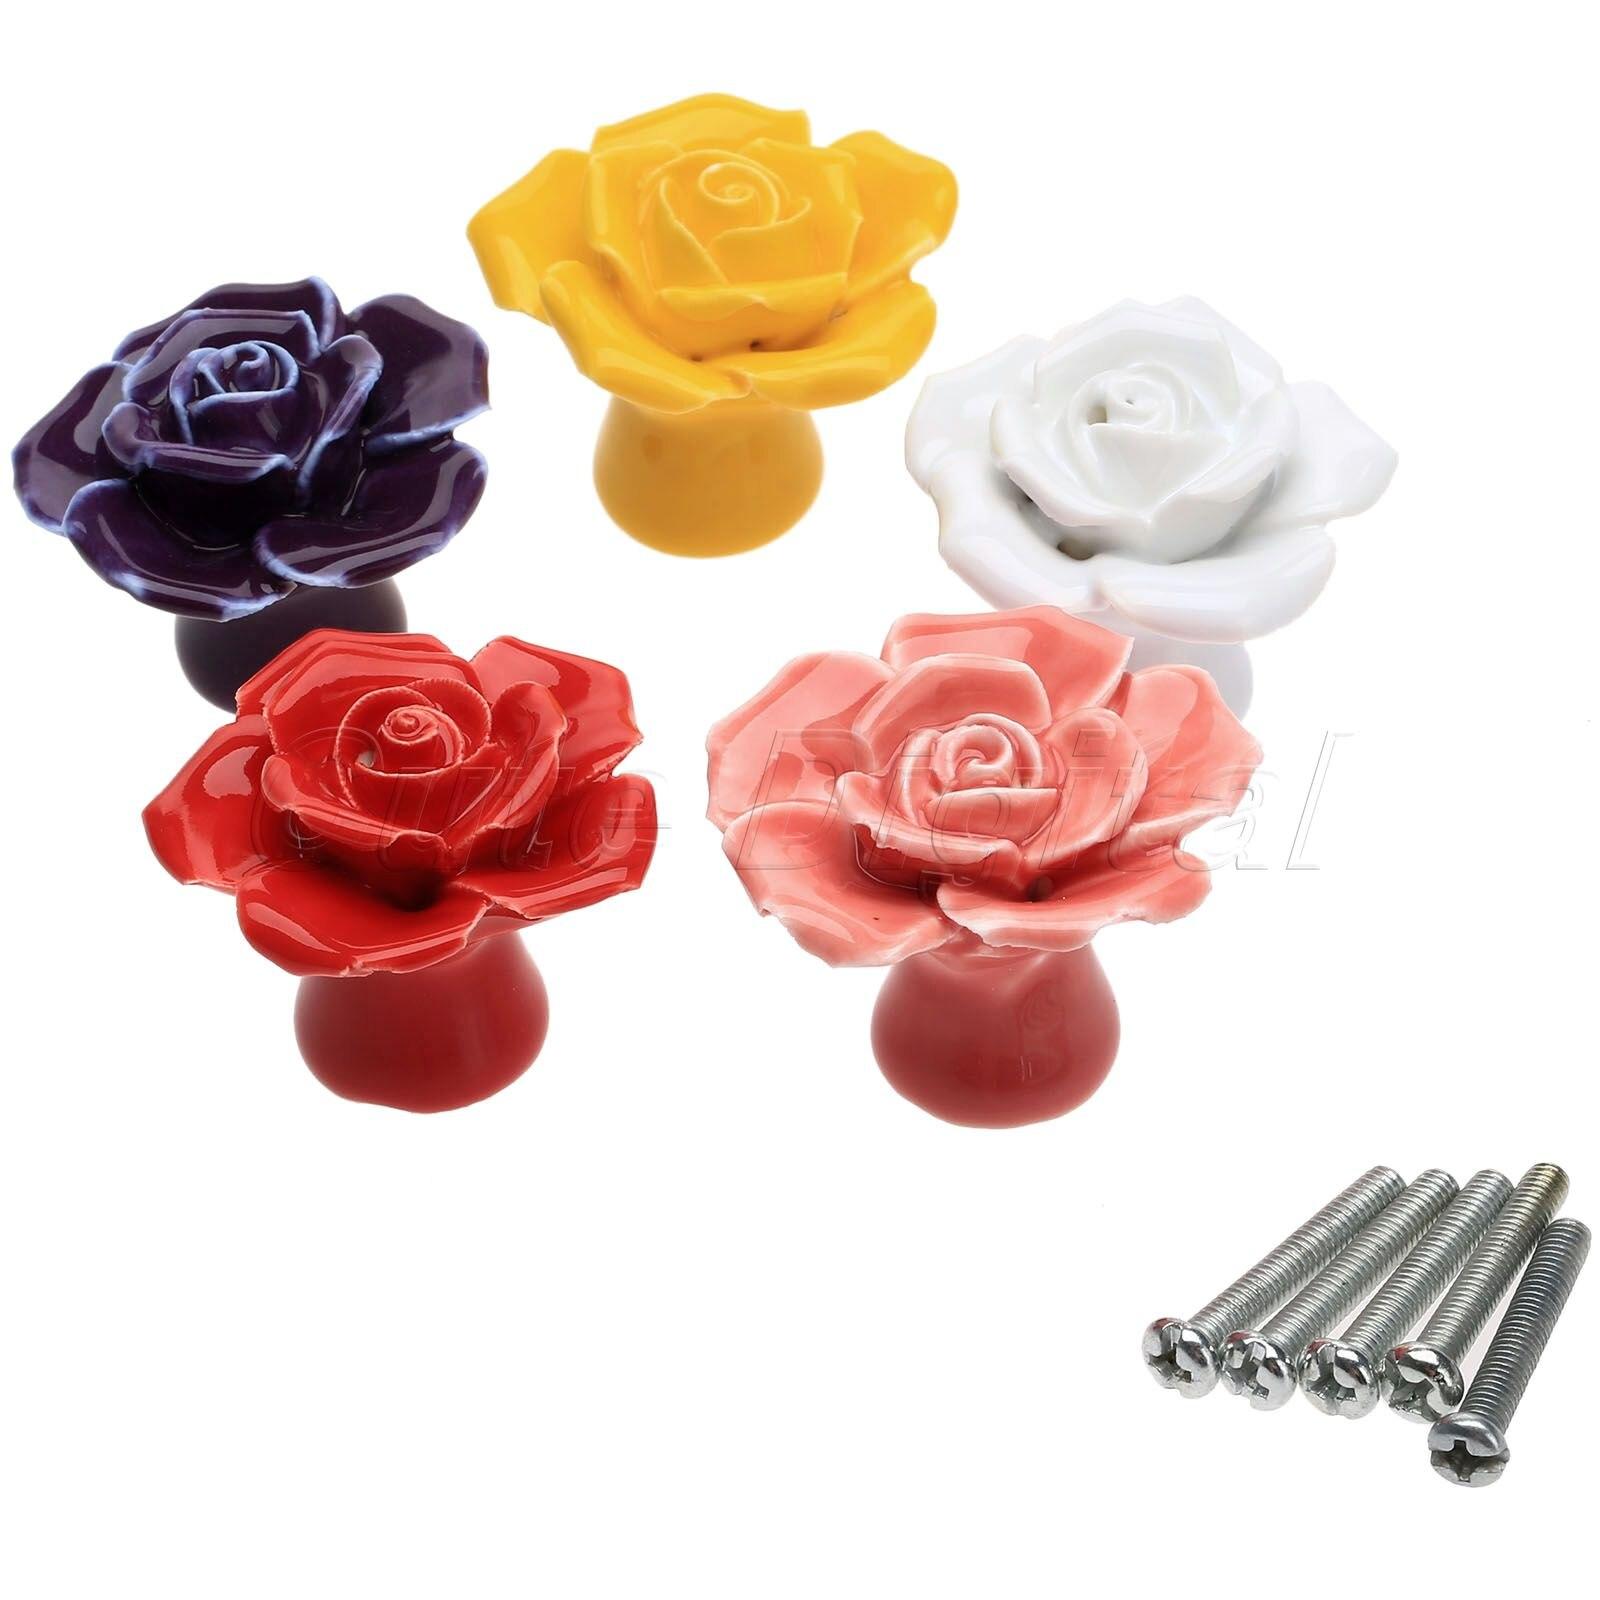 4 Pcs Vintage 128mm Ceramic Flower Roses Handle Knobs Cabinet Drawer Pulls.